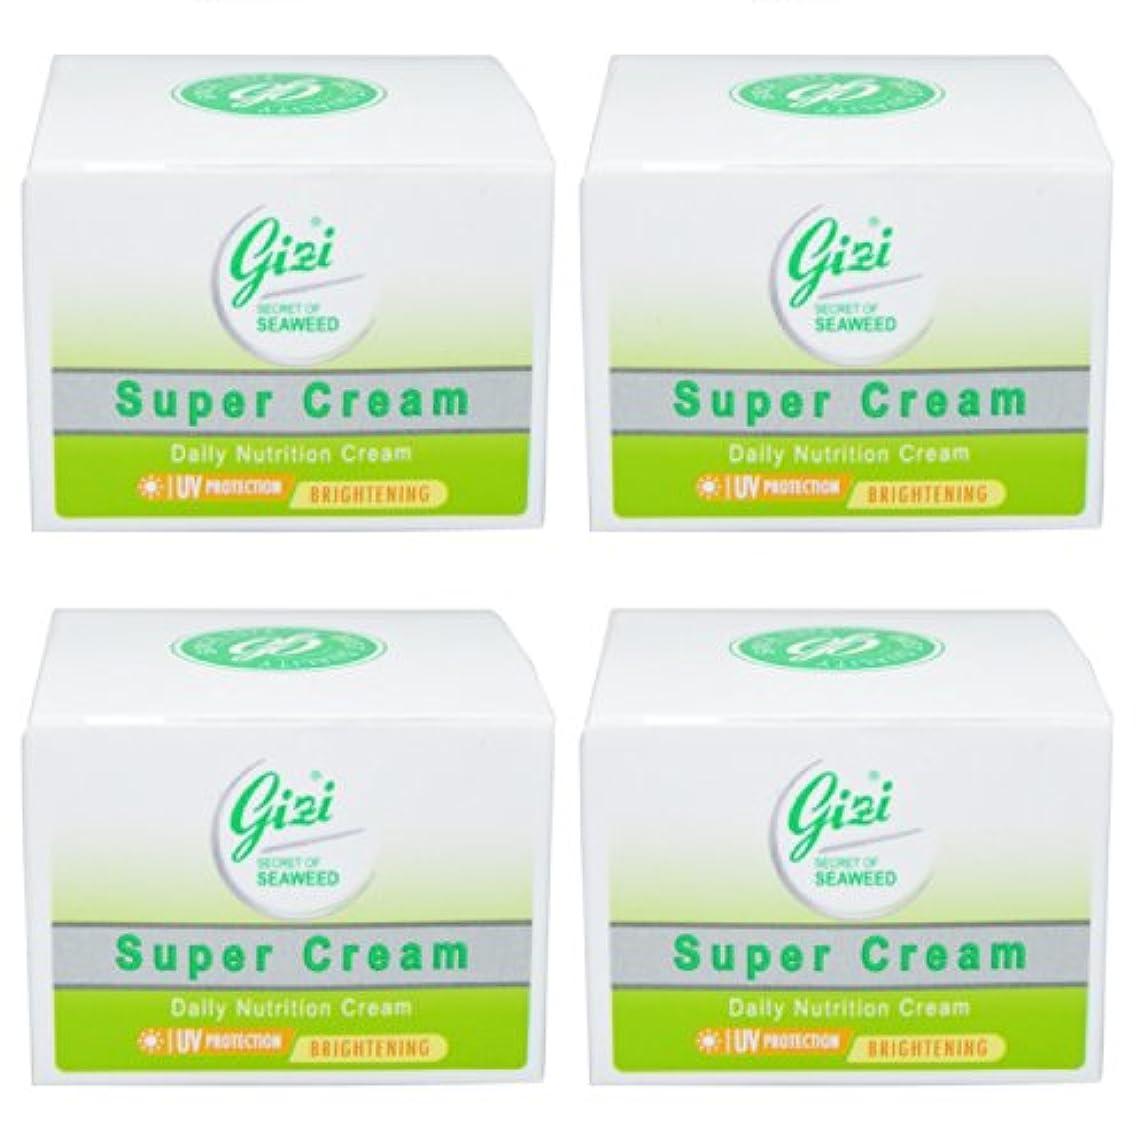 進む虚弱常識GIZI Super Cream(ギジ スーパークリーム)フェイスクリーム9g 4個セット[並行輸入品][海外直送品]